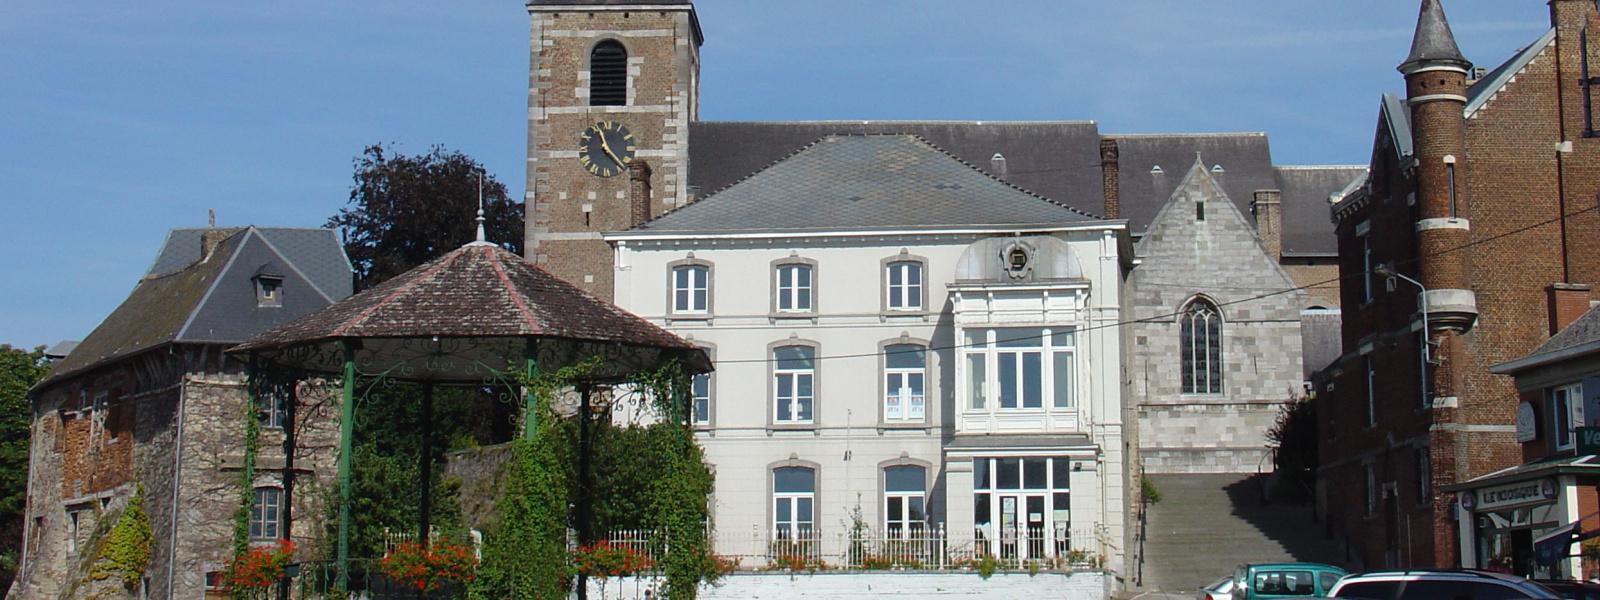 Commune de Ham-sur-Heure-Nalinnes | place de Nalinnes